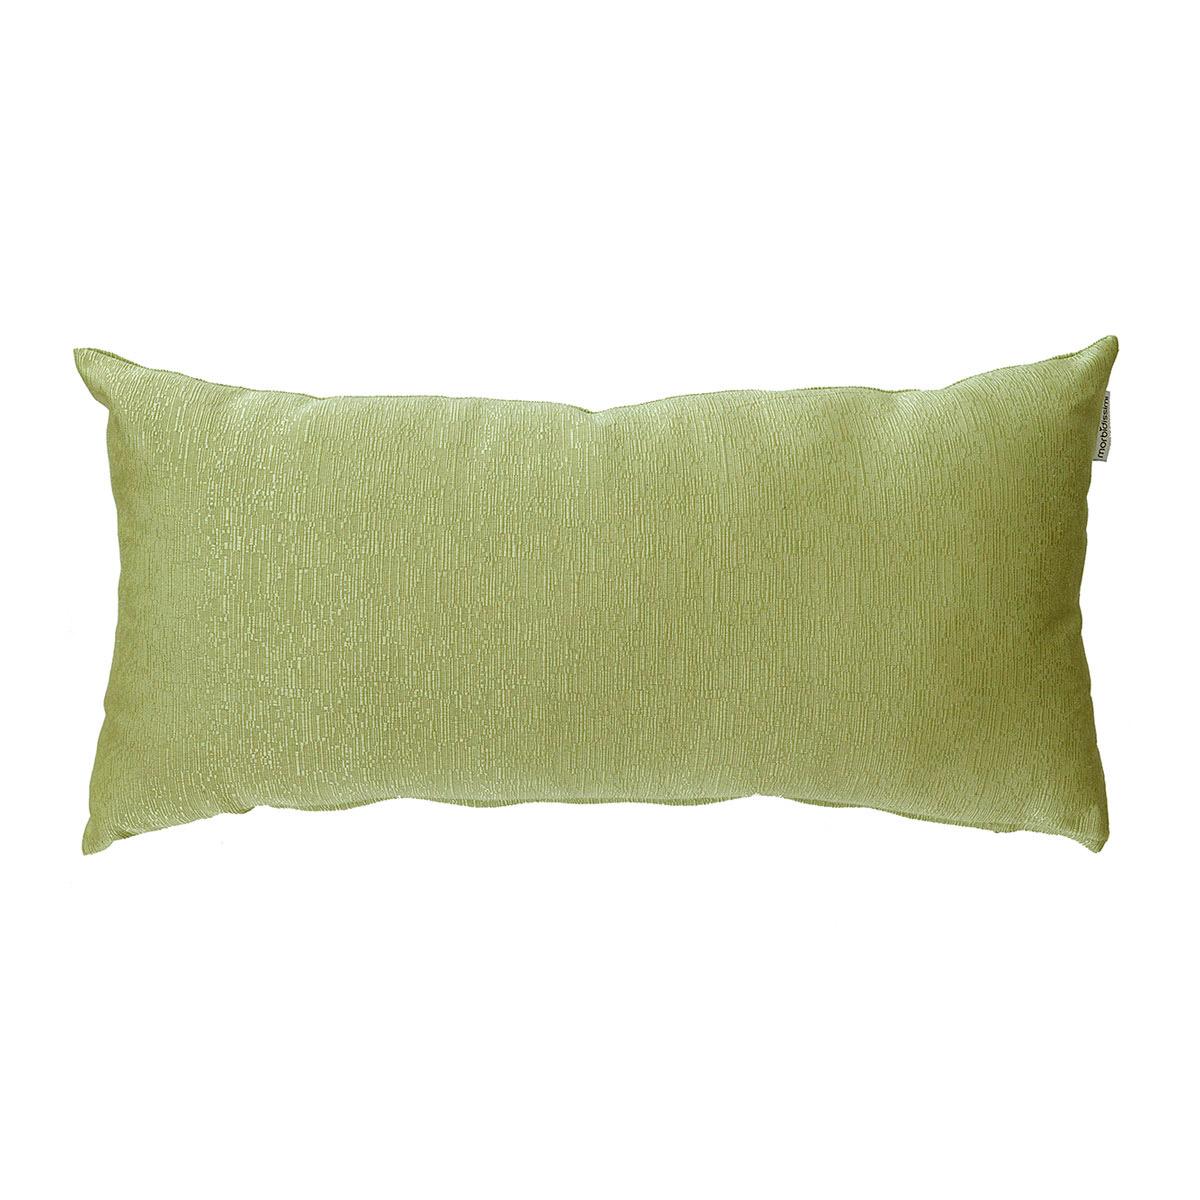 cuscino rettangolare ottoman verde chiaro